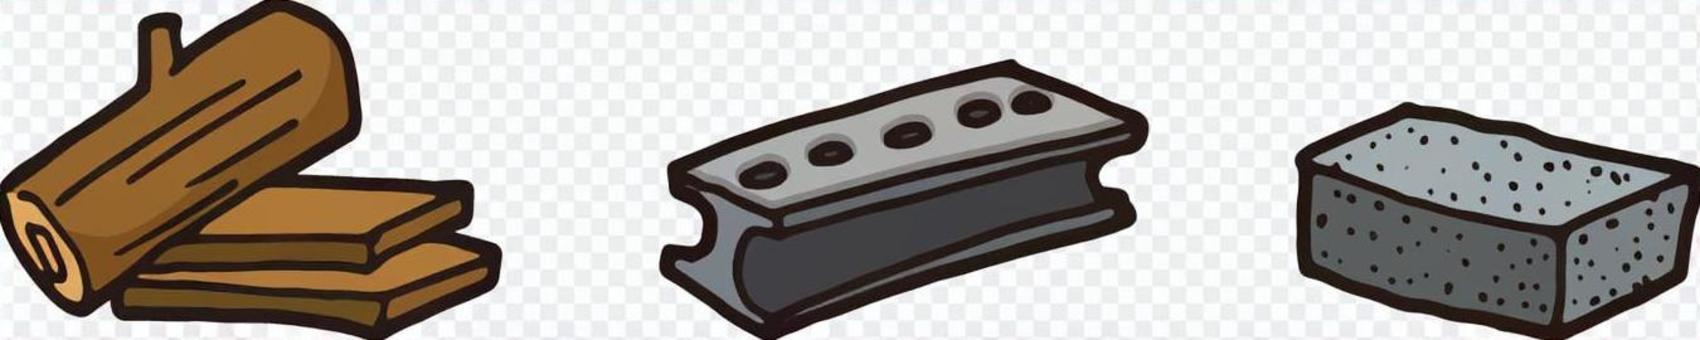 建筑材料(木材,铁,混凝土)